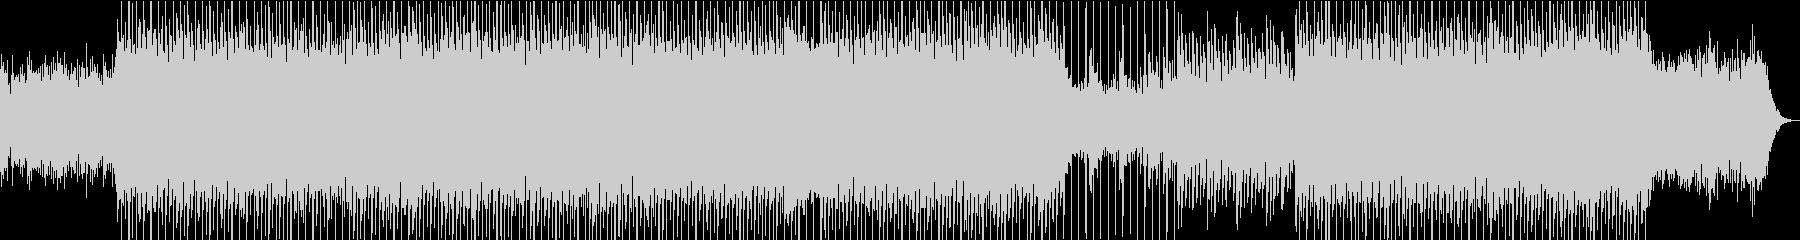 クリーンなイメージのコーポレートの未再生の波形